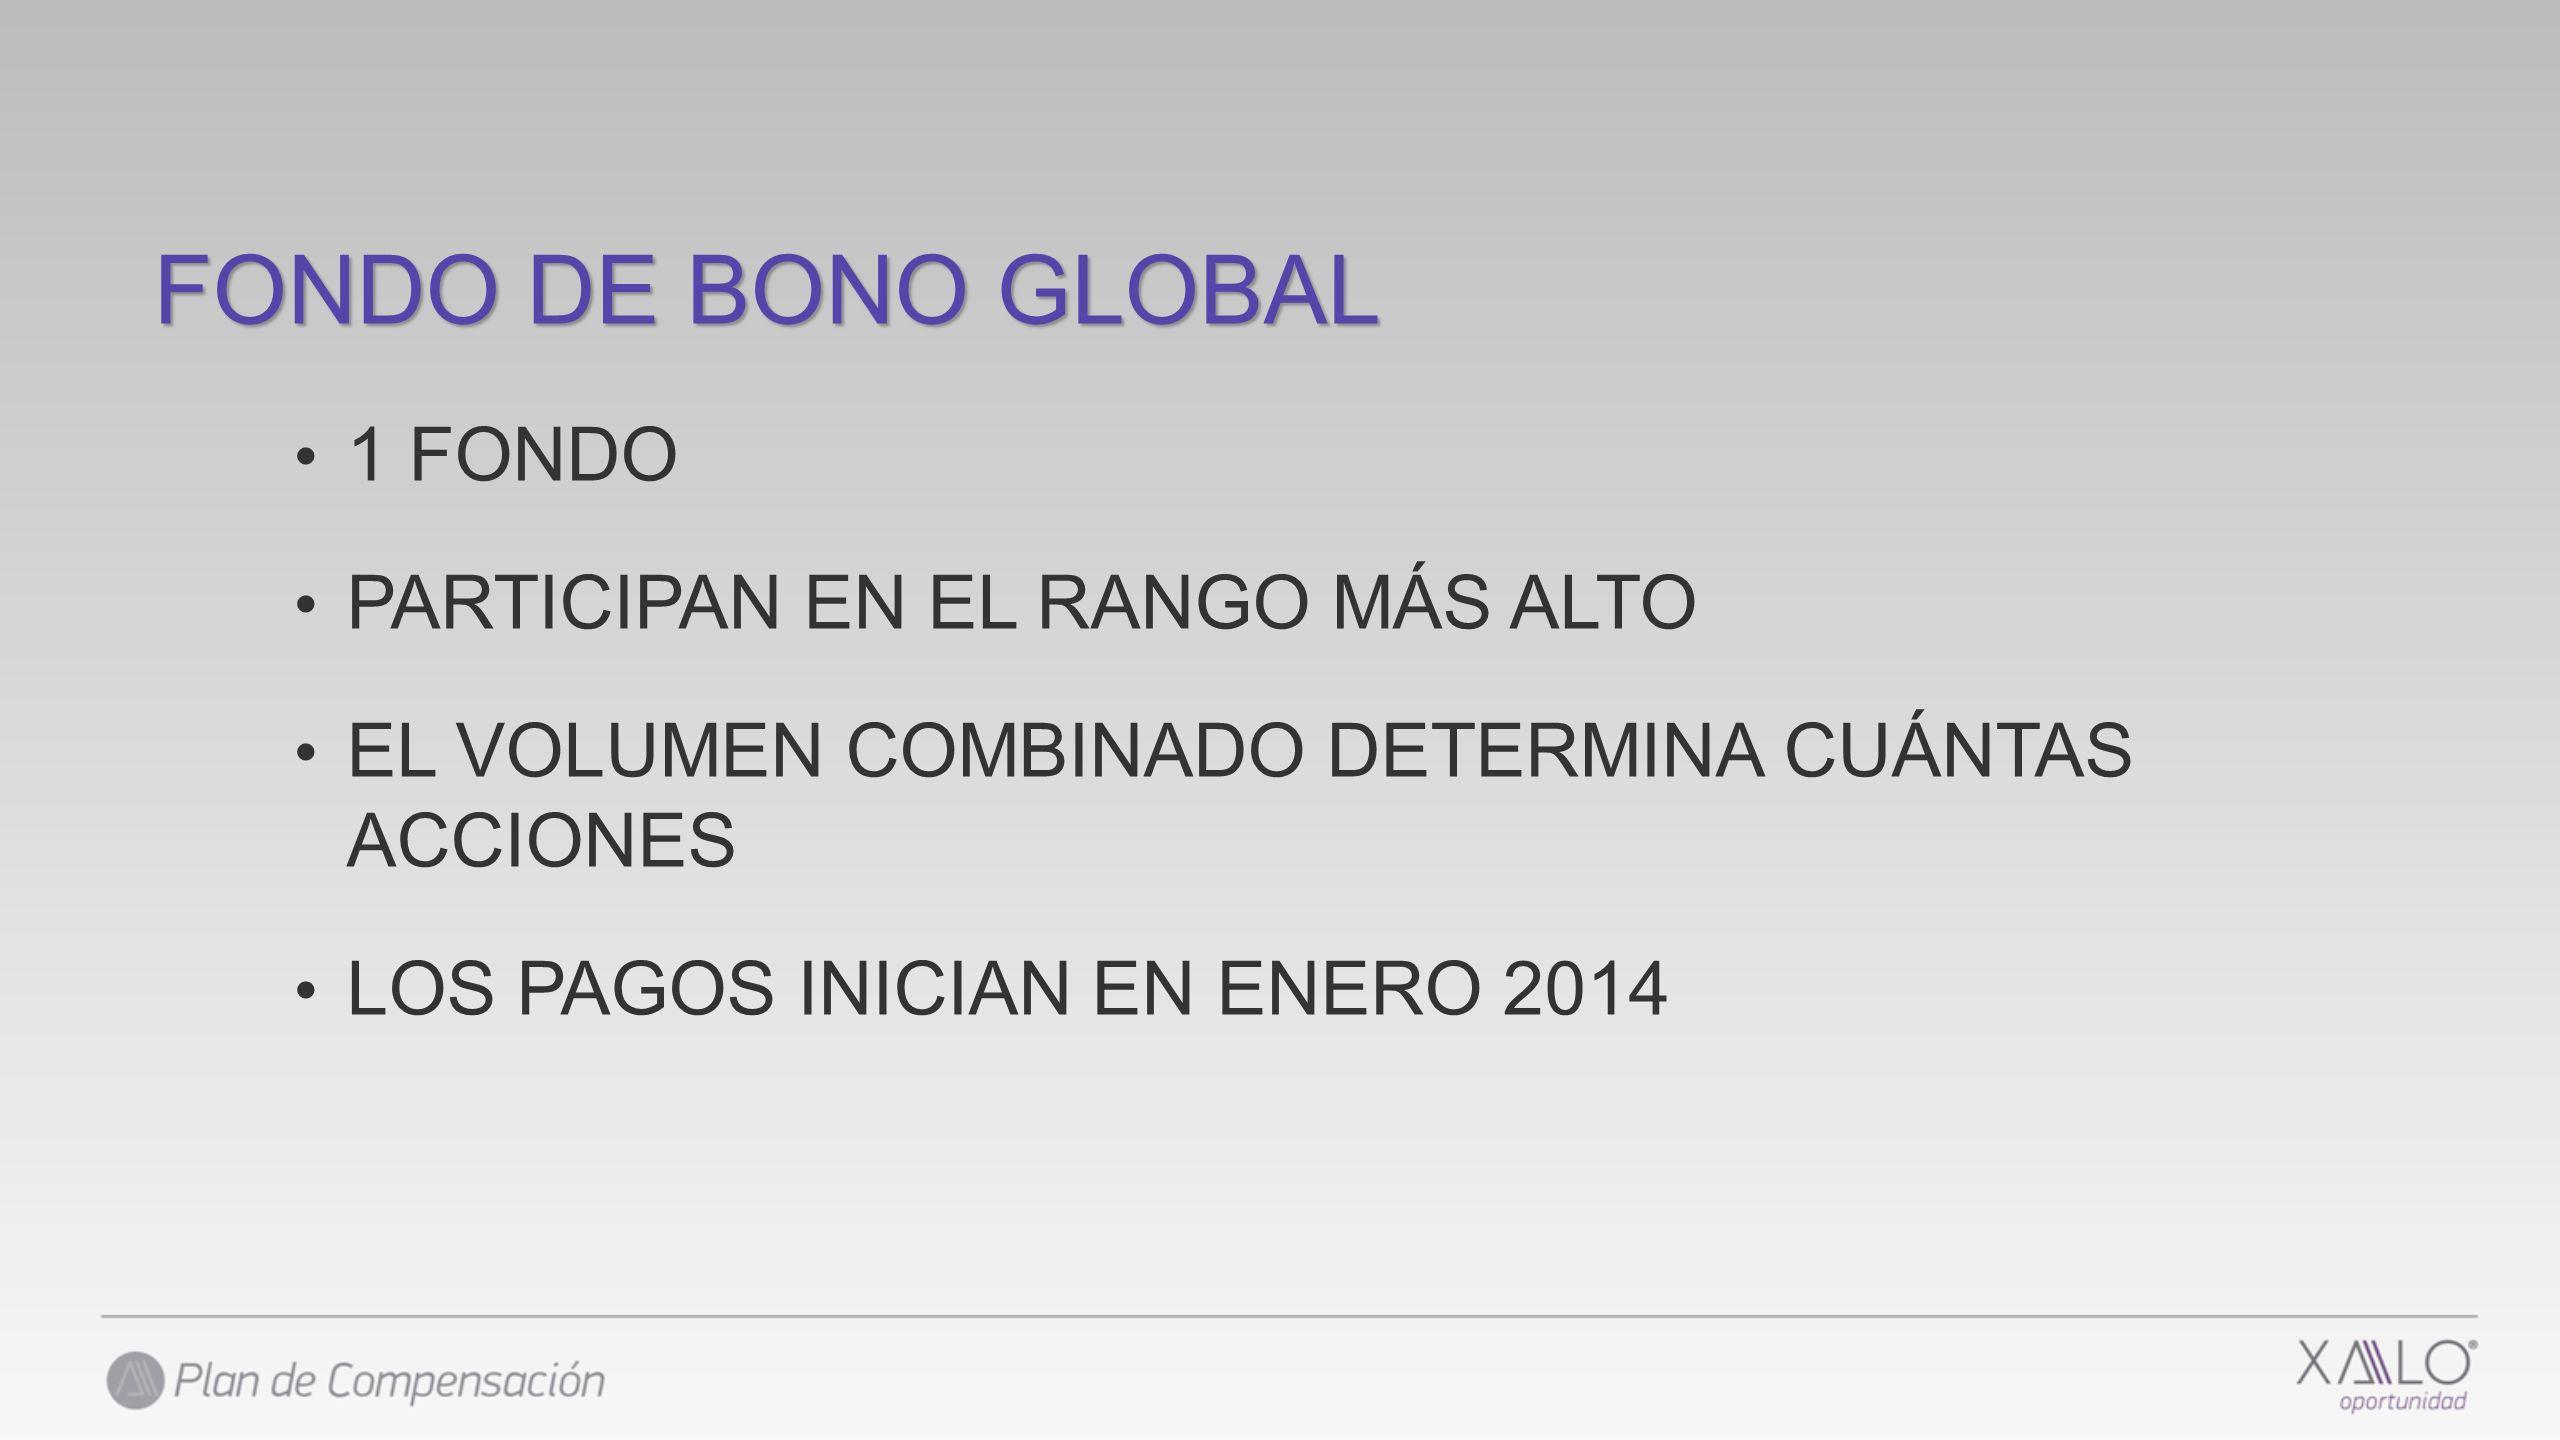 FONDO DE BONO GLOBAL 1 FONDO PARTICIPAN EN EL RANGO MÁS ALTO